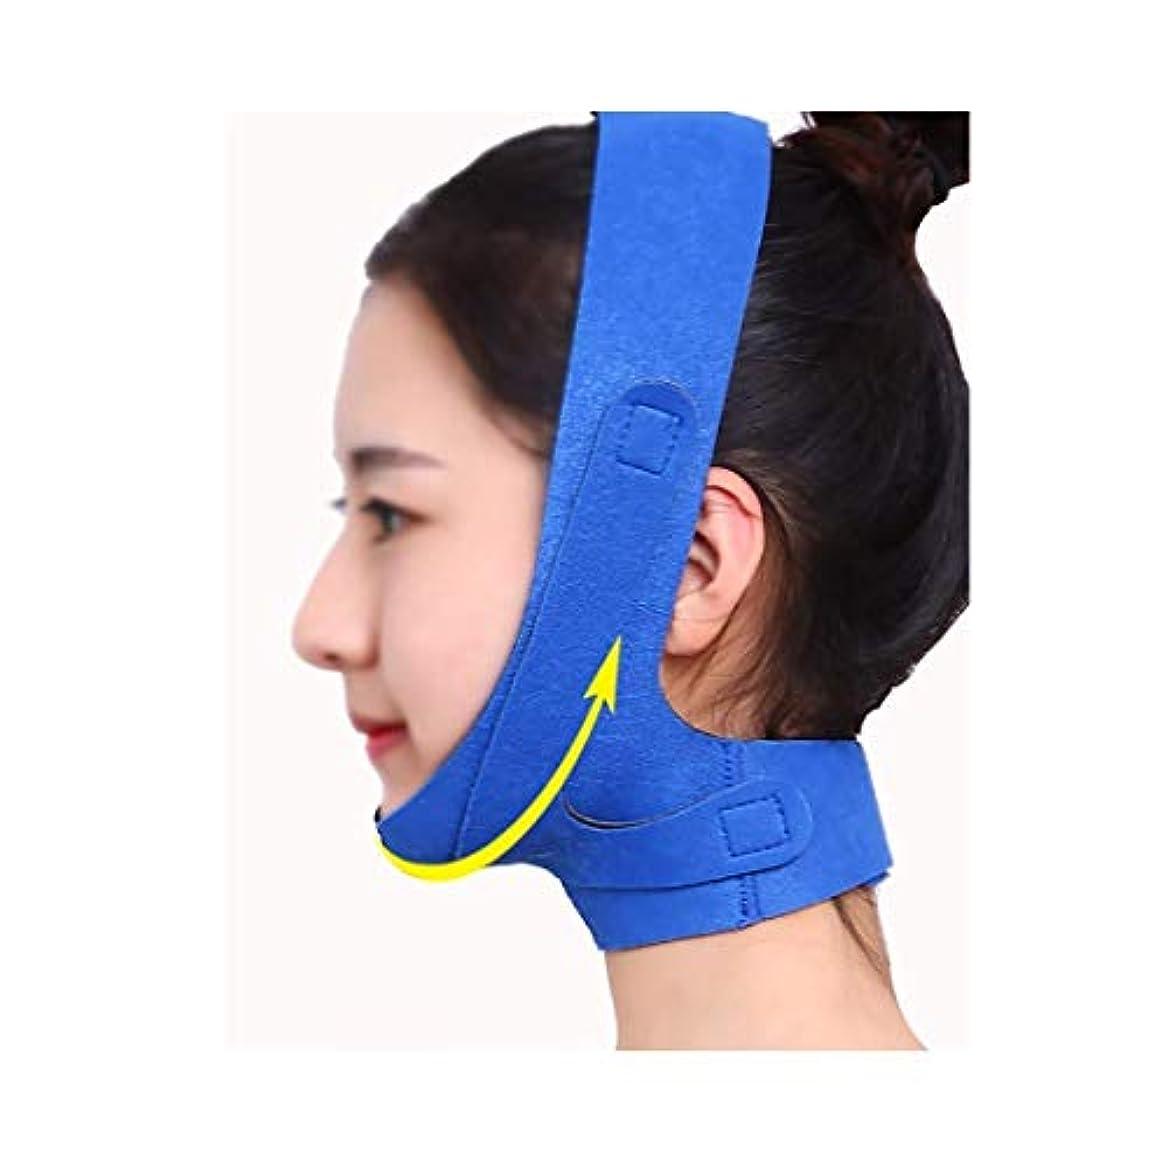 同情全体タクトフェイスリフトマスク、チンストラップの回復の包帯の睡眠の薄い顔の包帯の薄いフェイスマスクフェイスリフトの美のマスクの包帯の青いフェイスマスクが付いている小さいVの顔を高めるフェイスリフトのアーティファクト